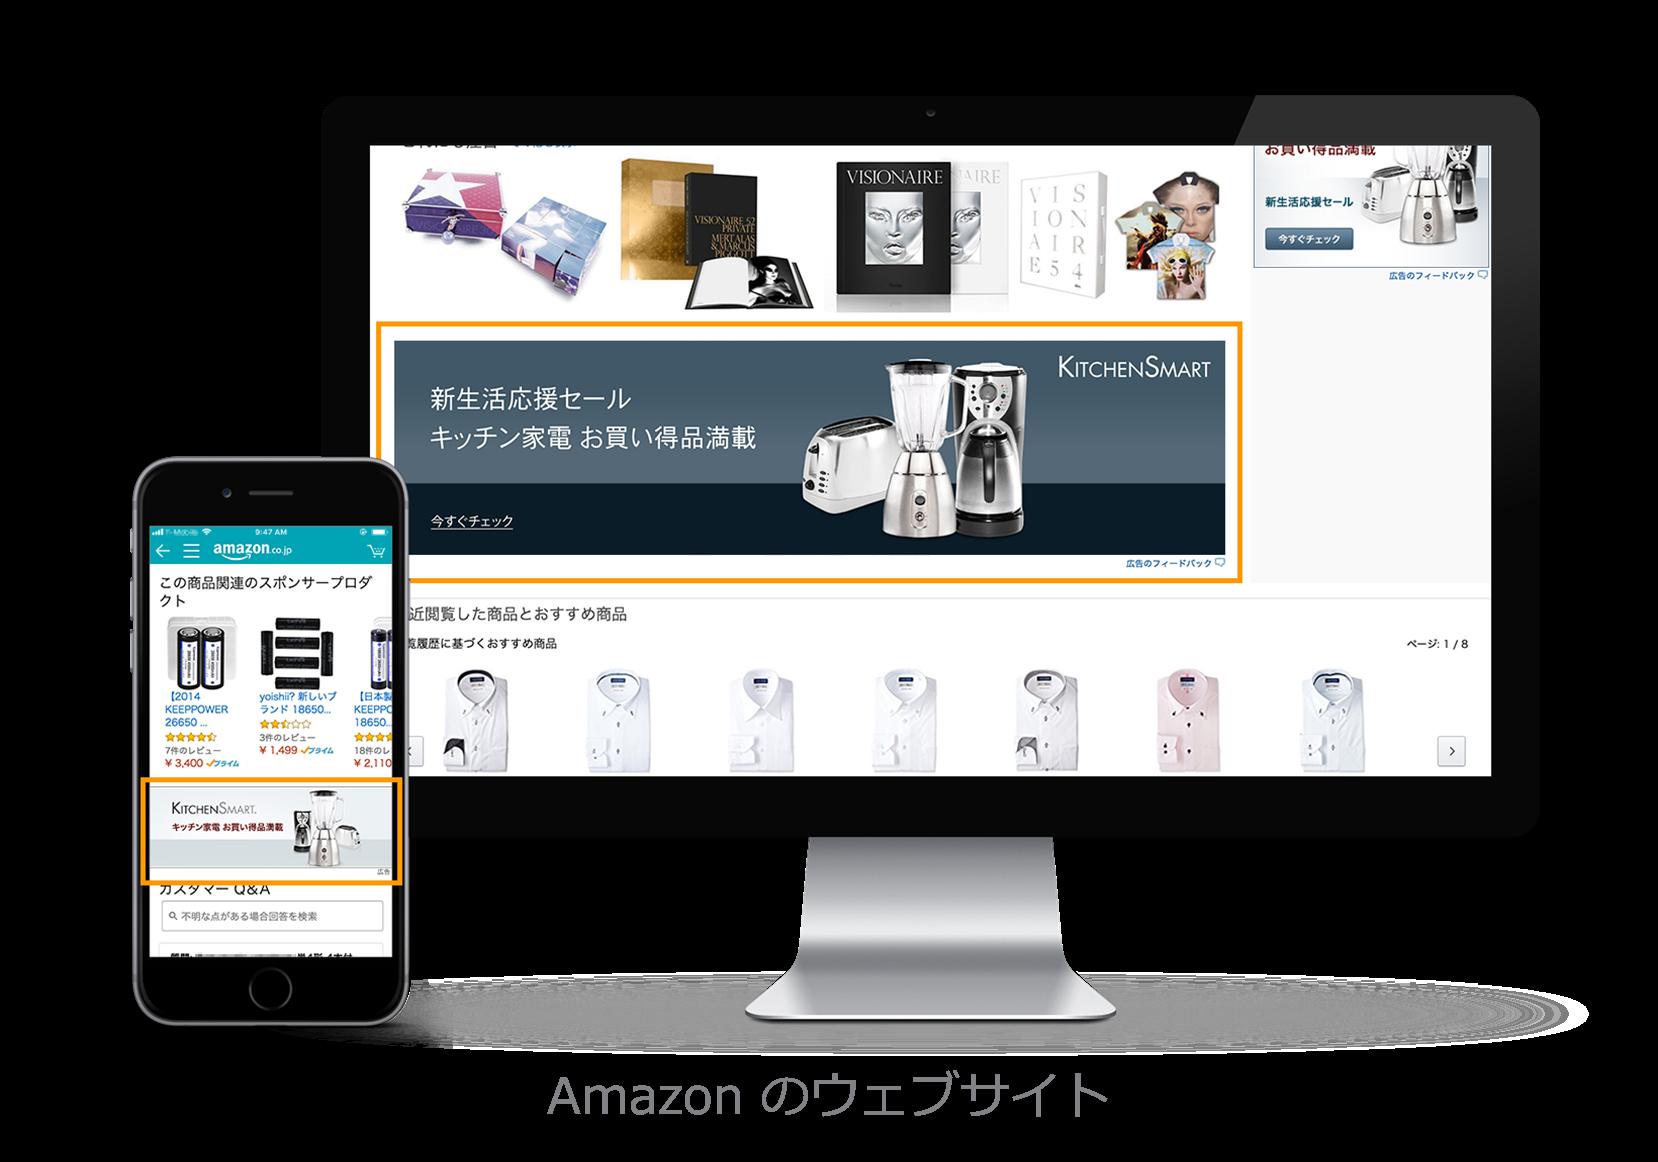 Amazon のウェブサイト